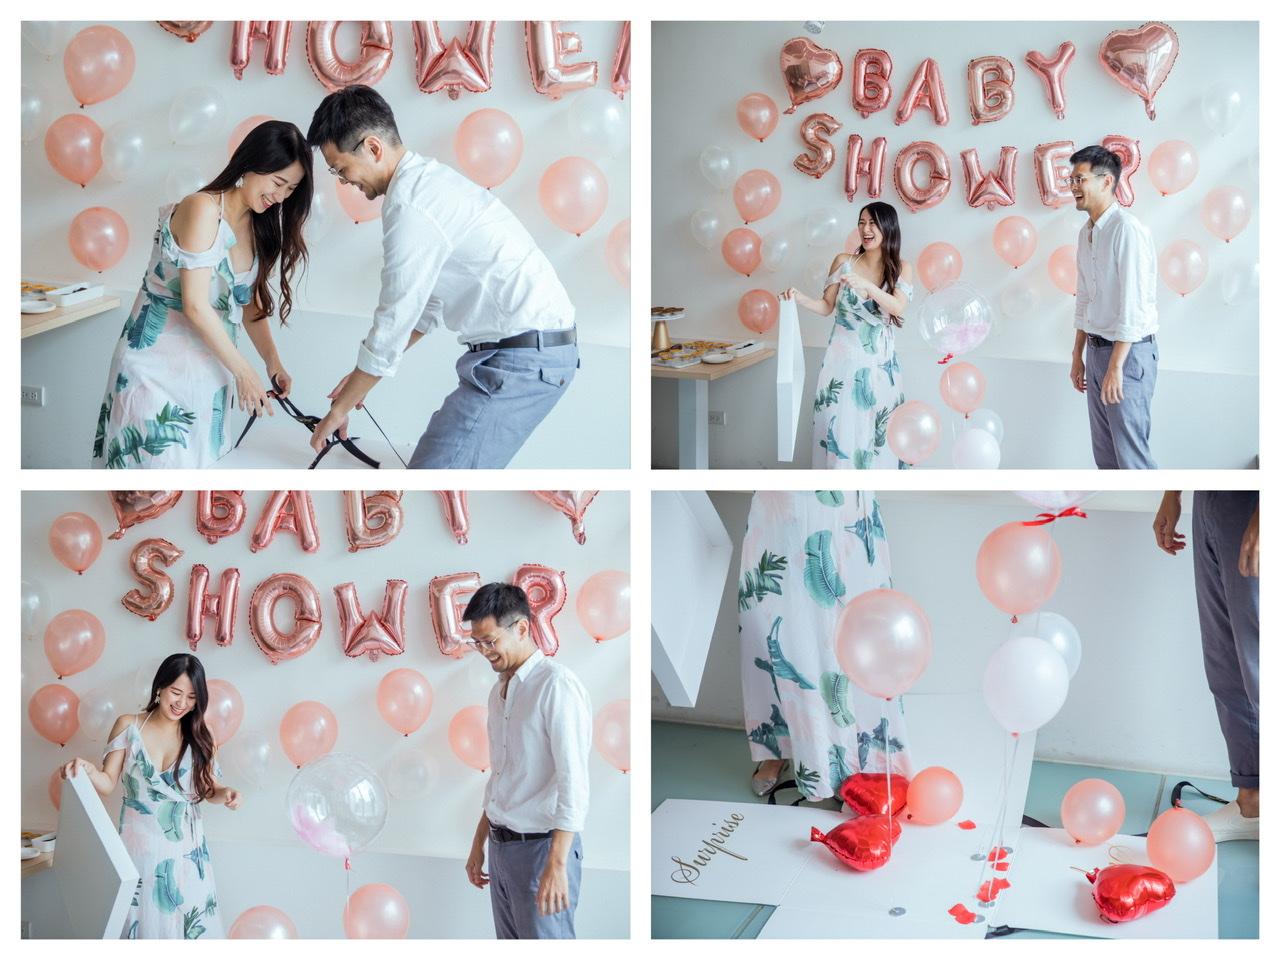 私密內容: Baby Shower性別派對 It's a girl!!感動又好玩的性別派對,舉辦Baby Shower的準備事項